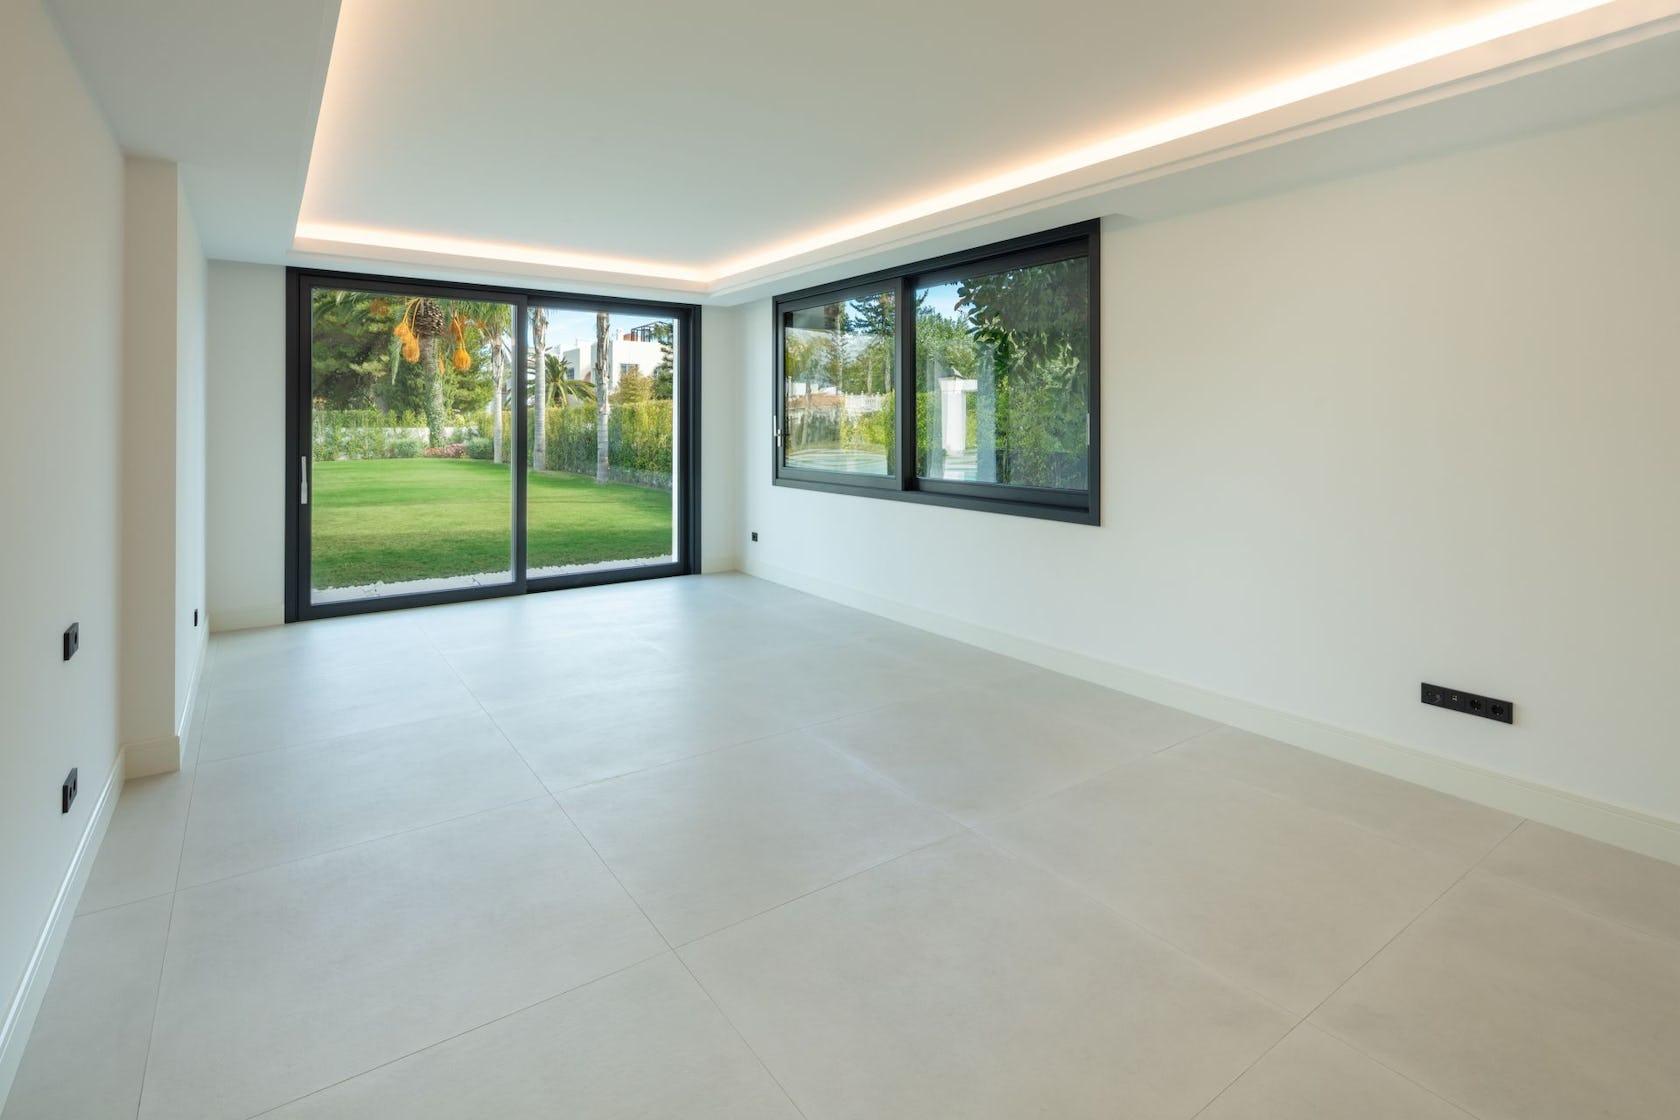 floor flooring